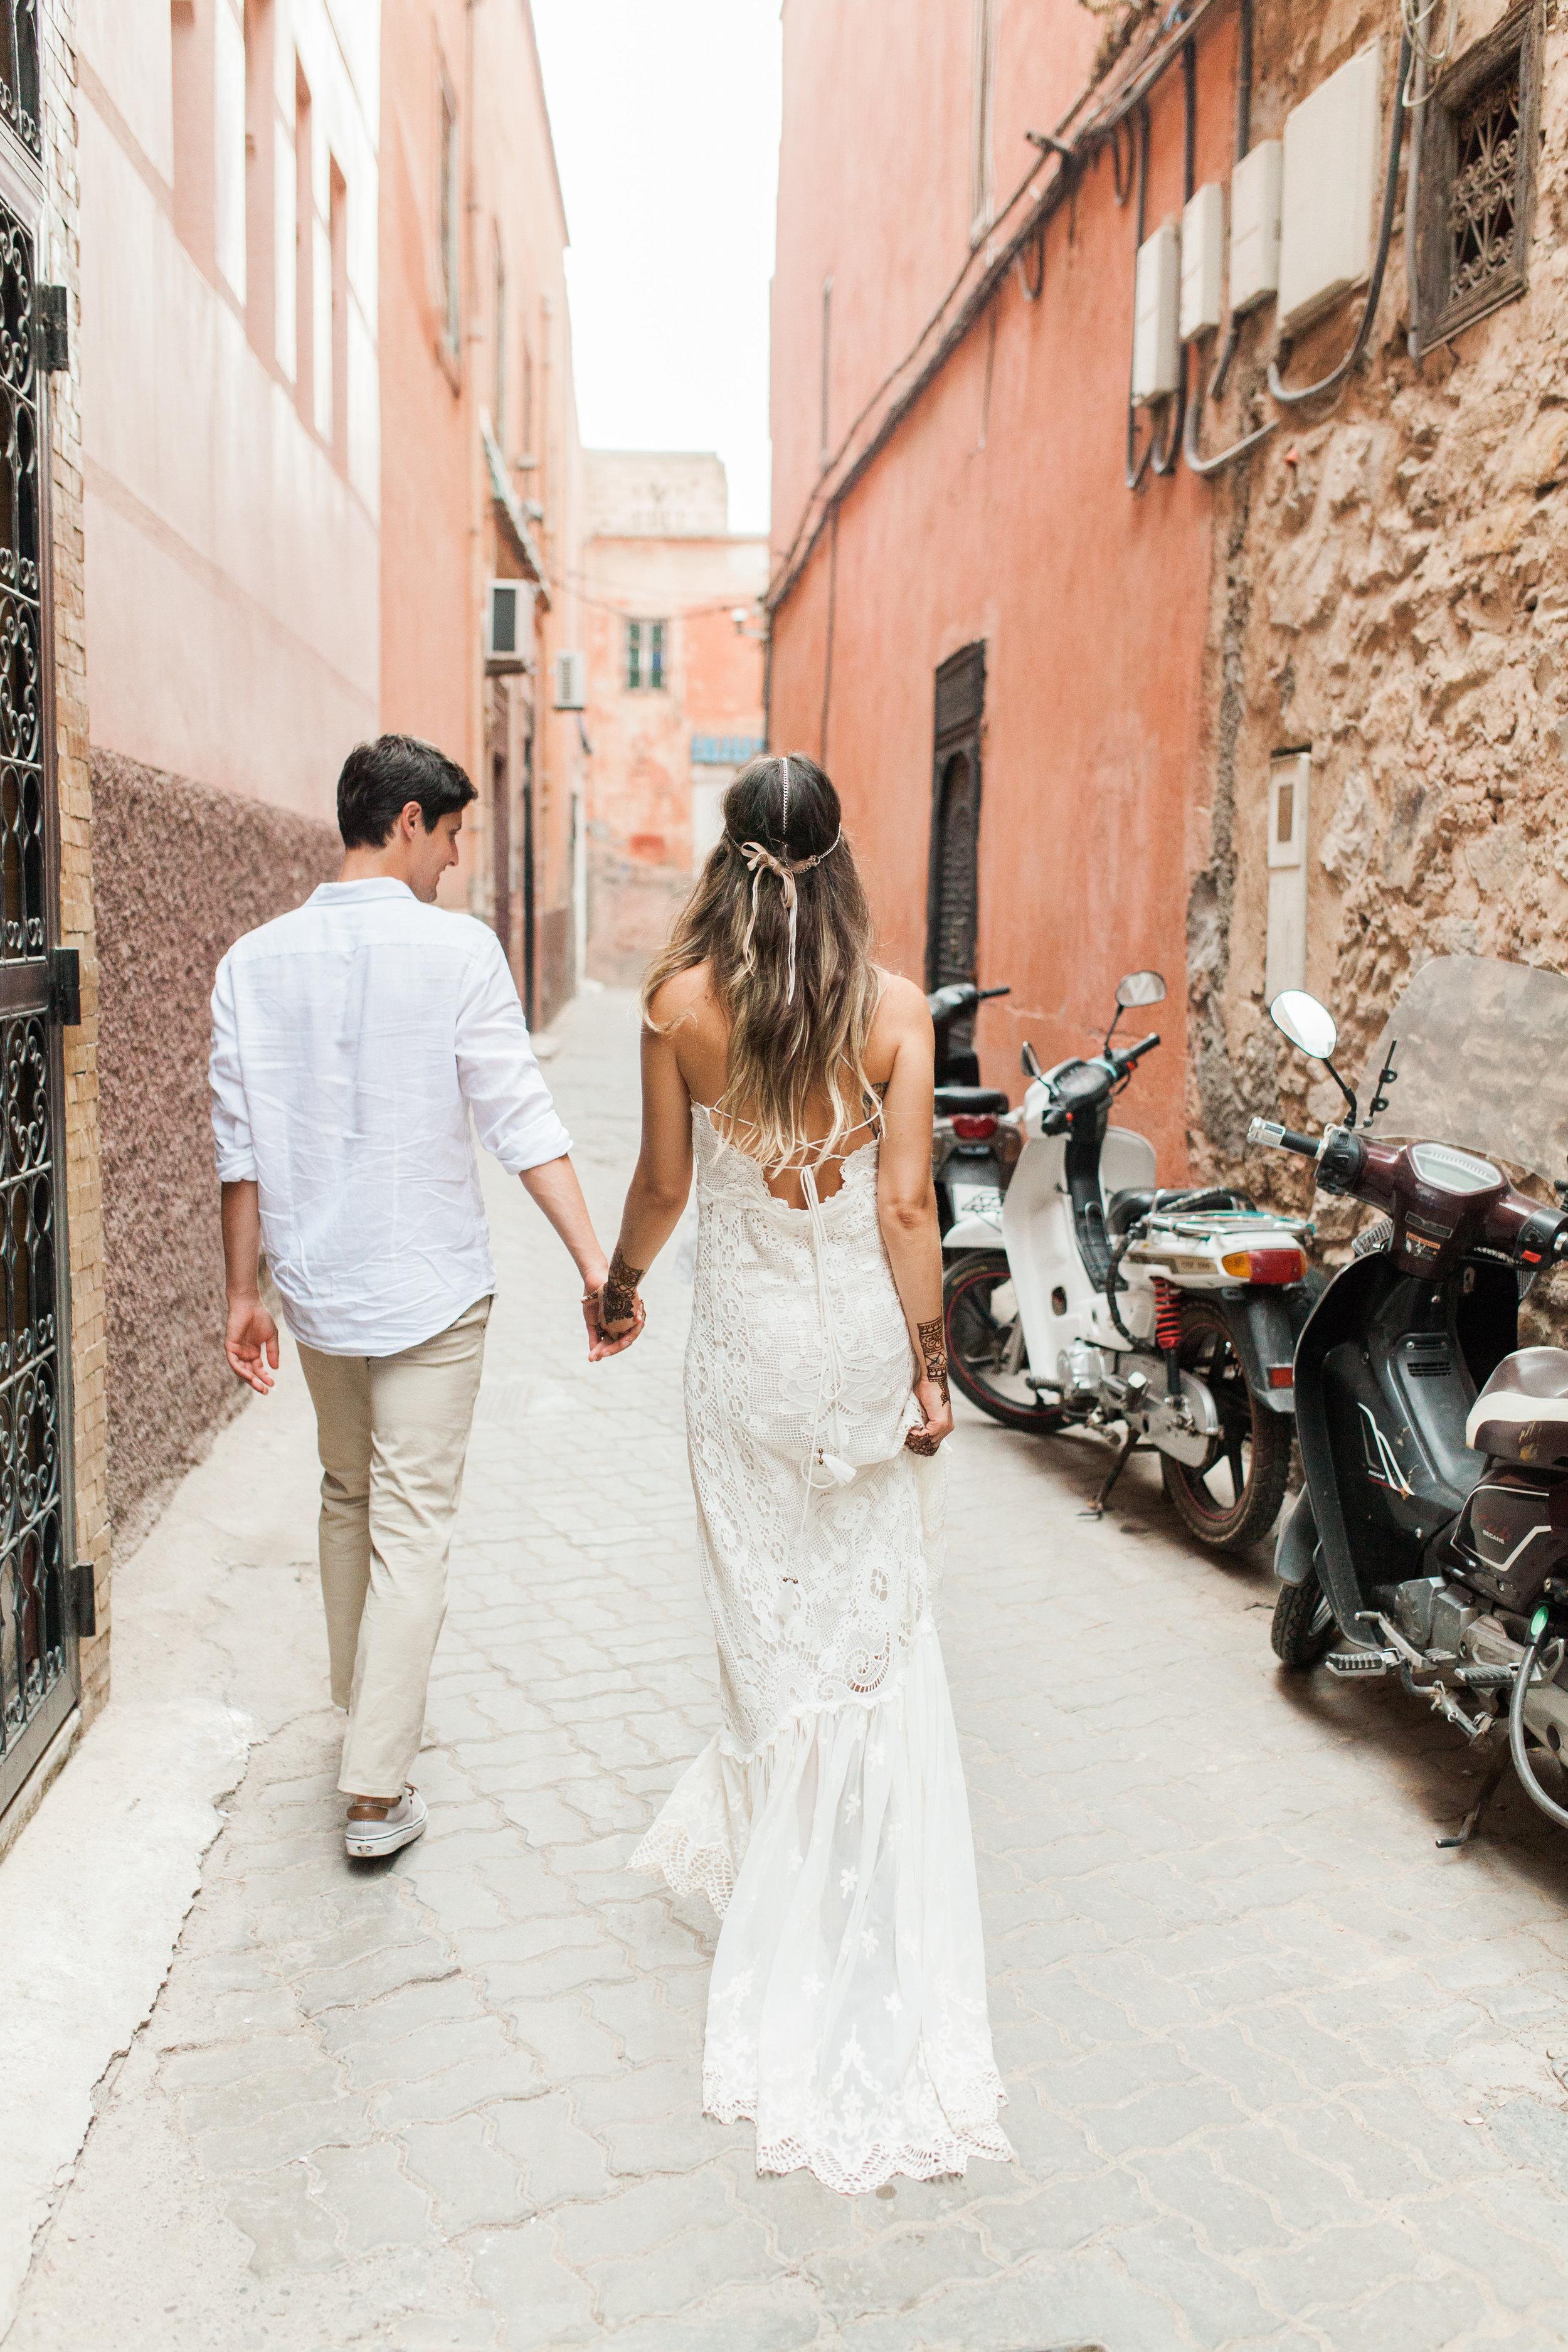 mariarao_marrakech_elopment-165.jpg